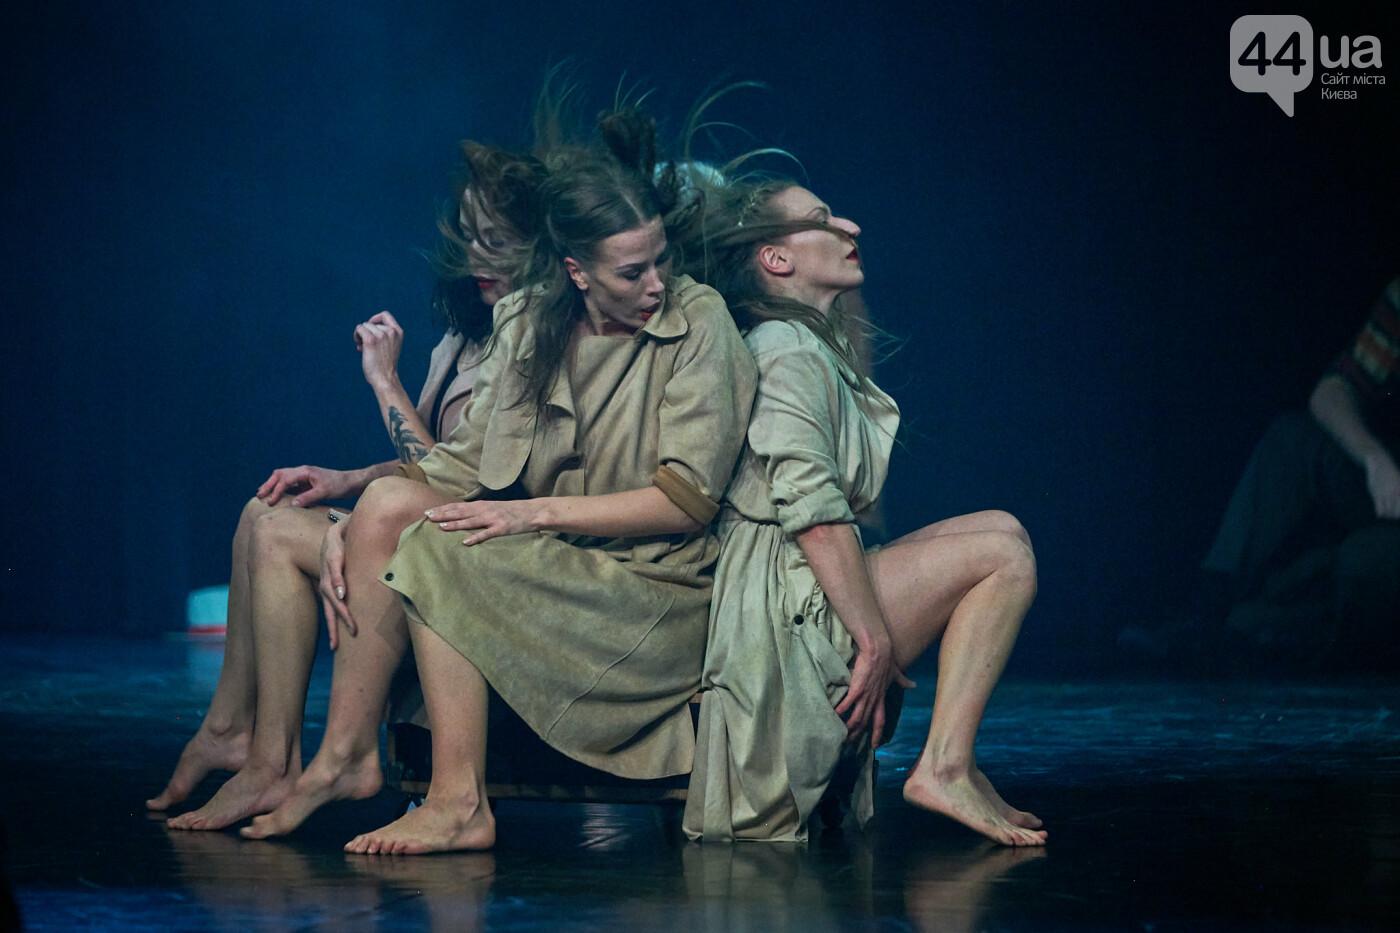 """9 дней онлайн и на сцене: чем будет удивлять Международный фестиваль """"Пространство танца"""", фото-1"""